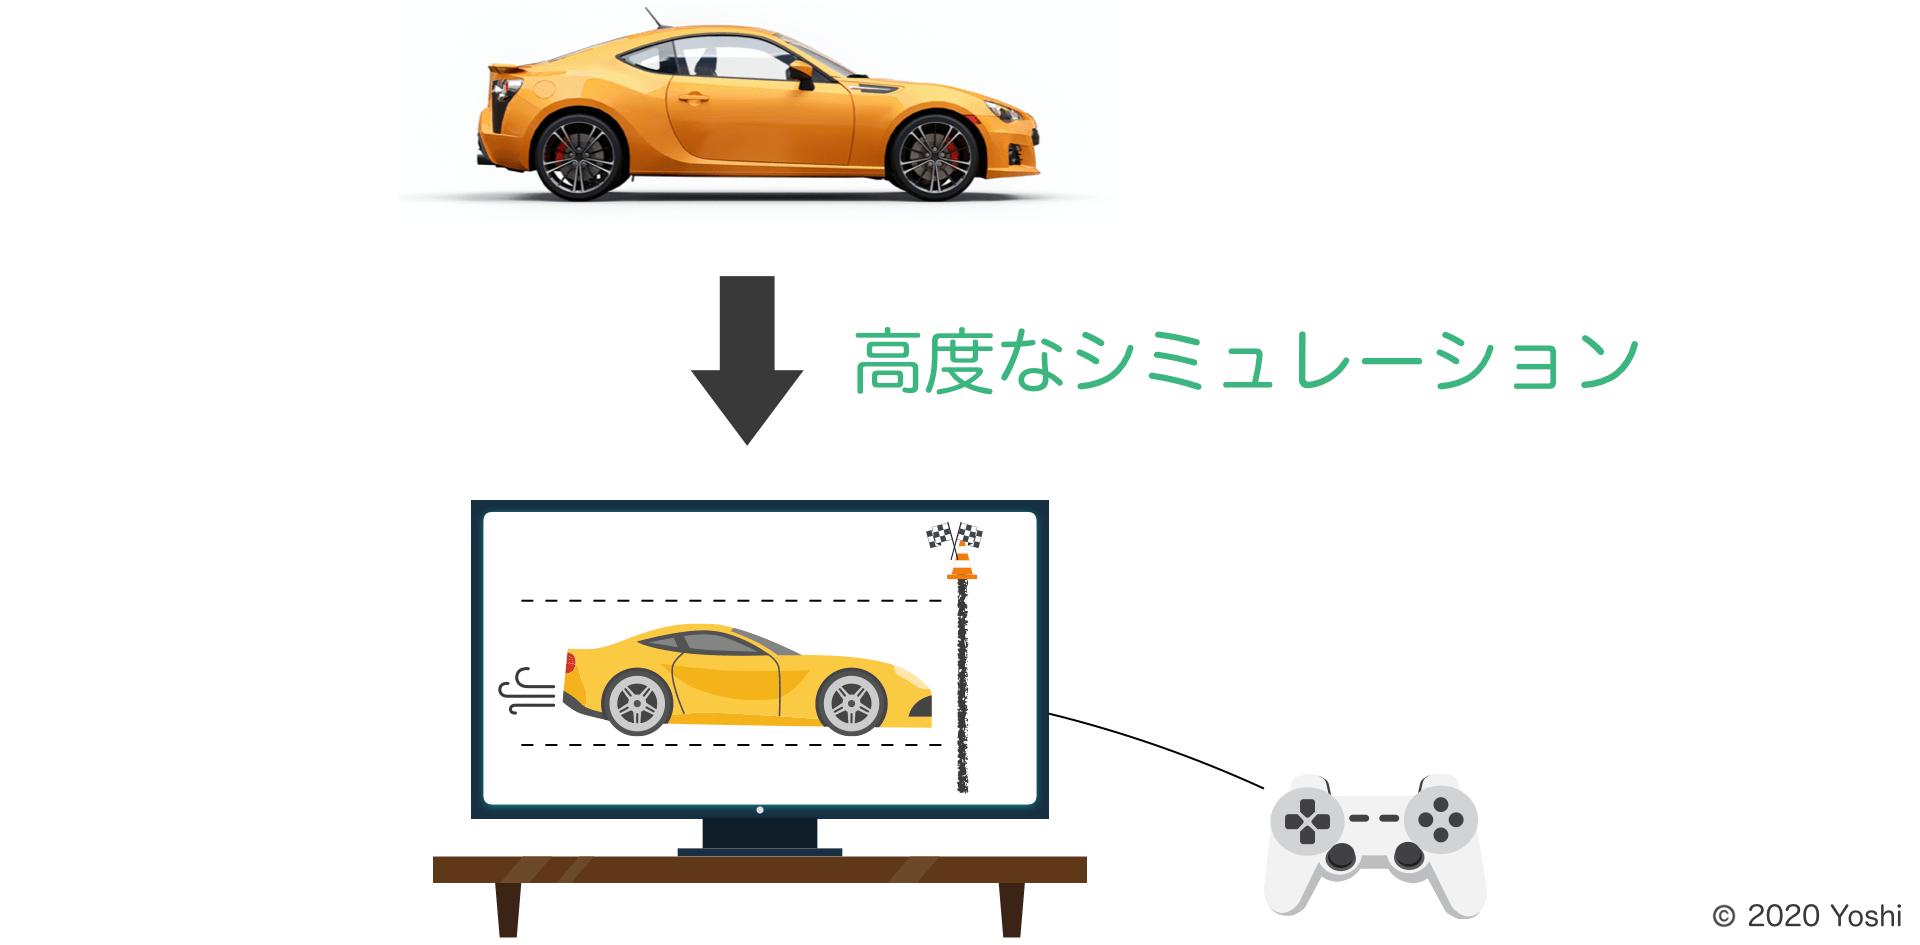 ITとは高度なシミュレーション技術